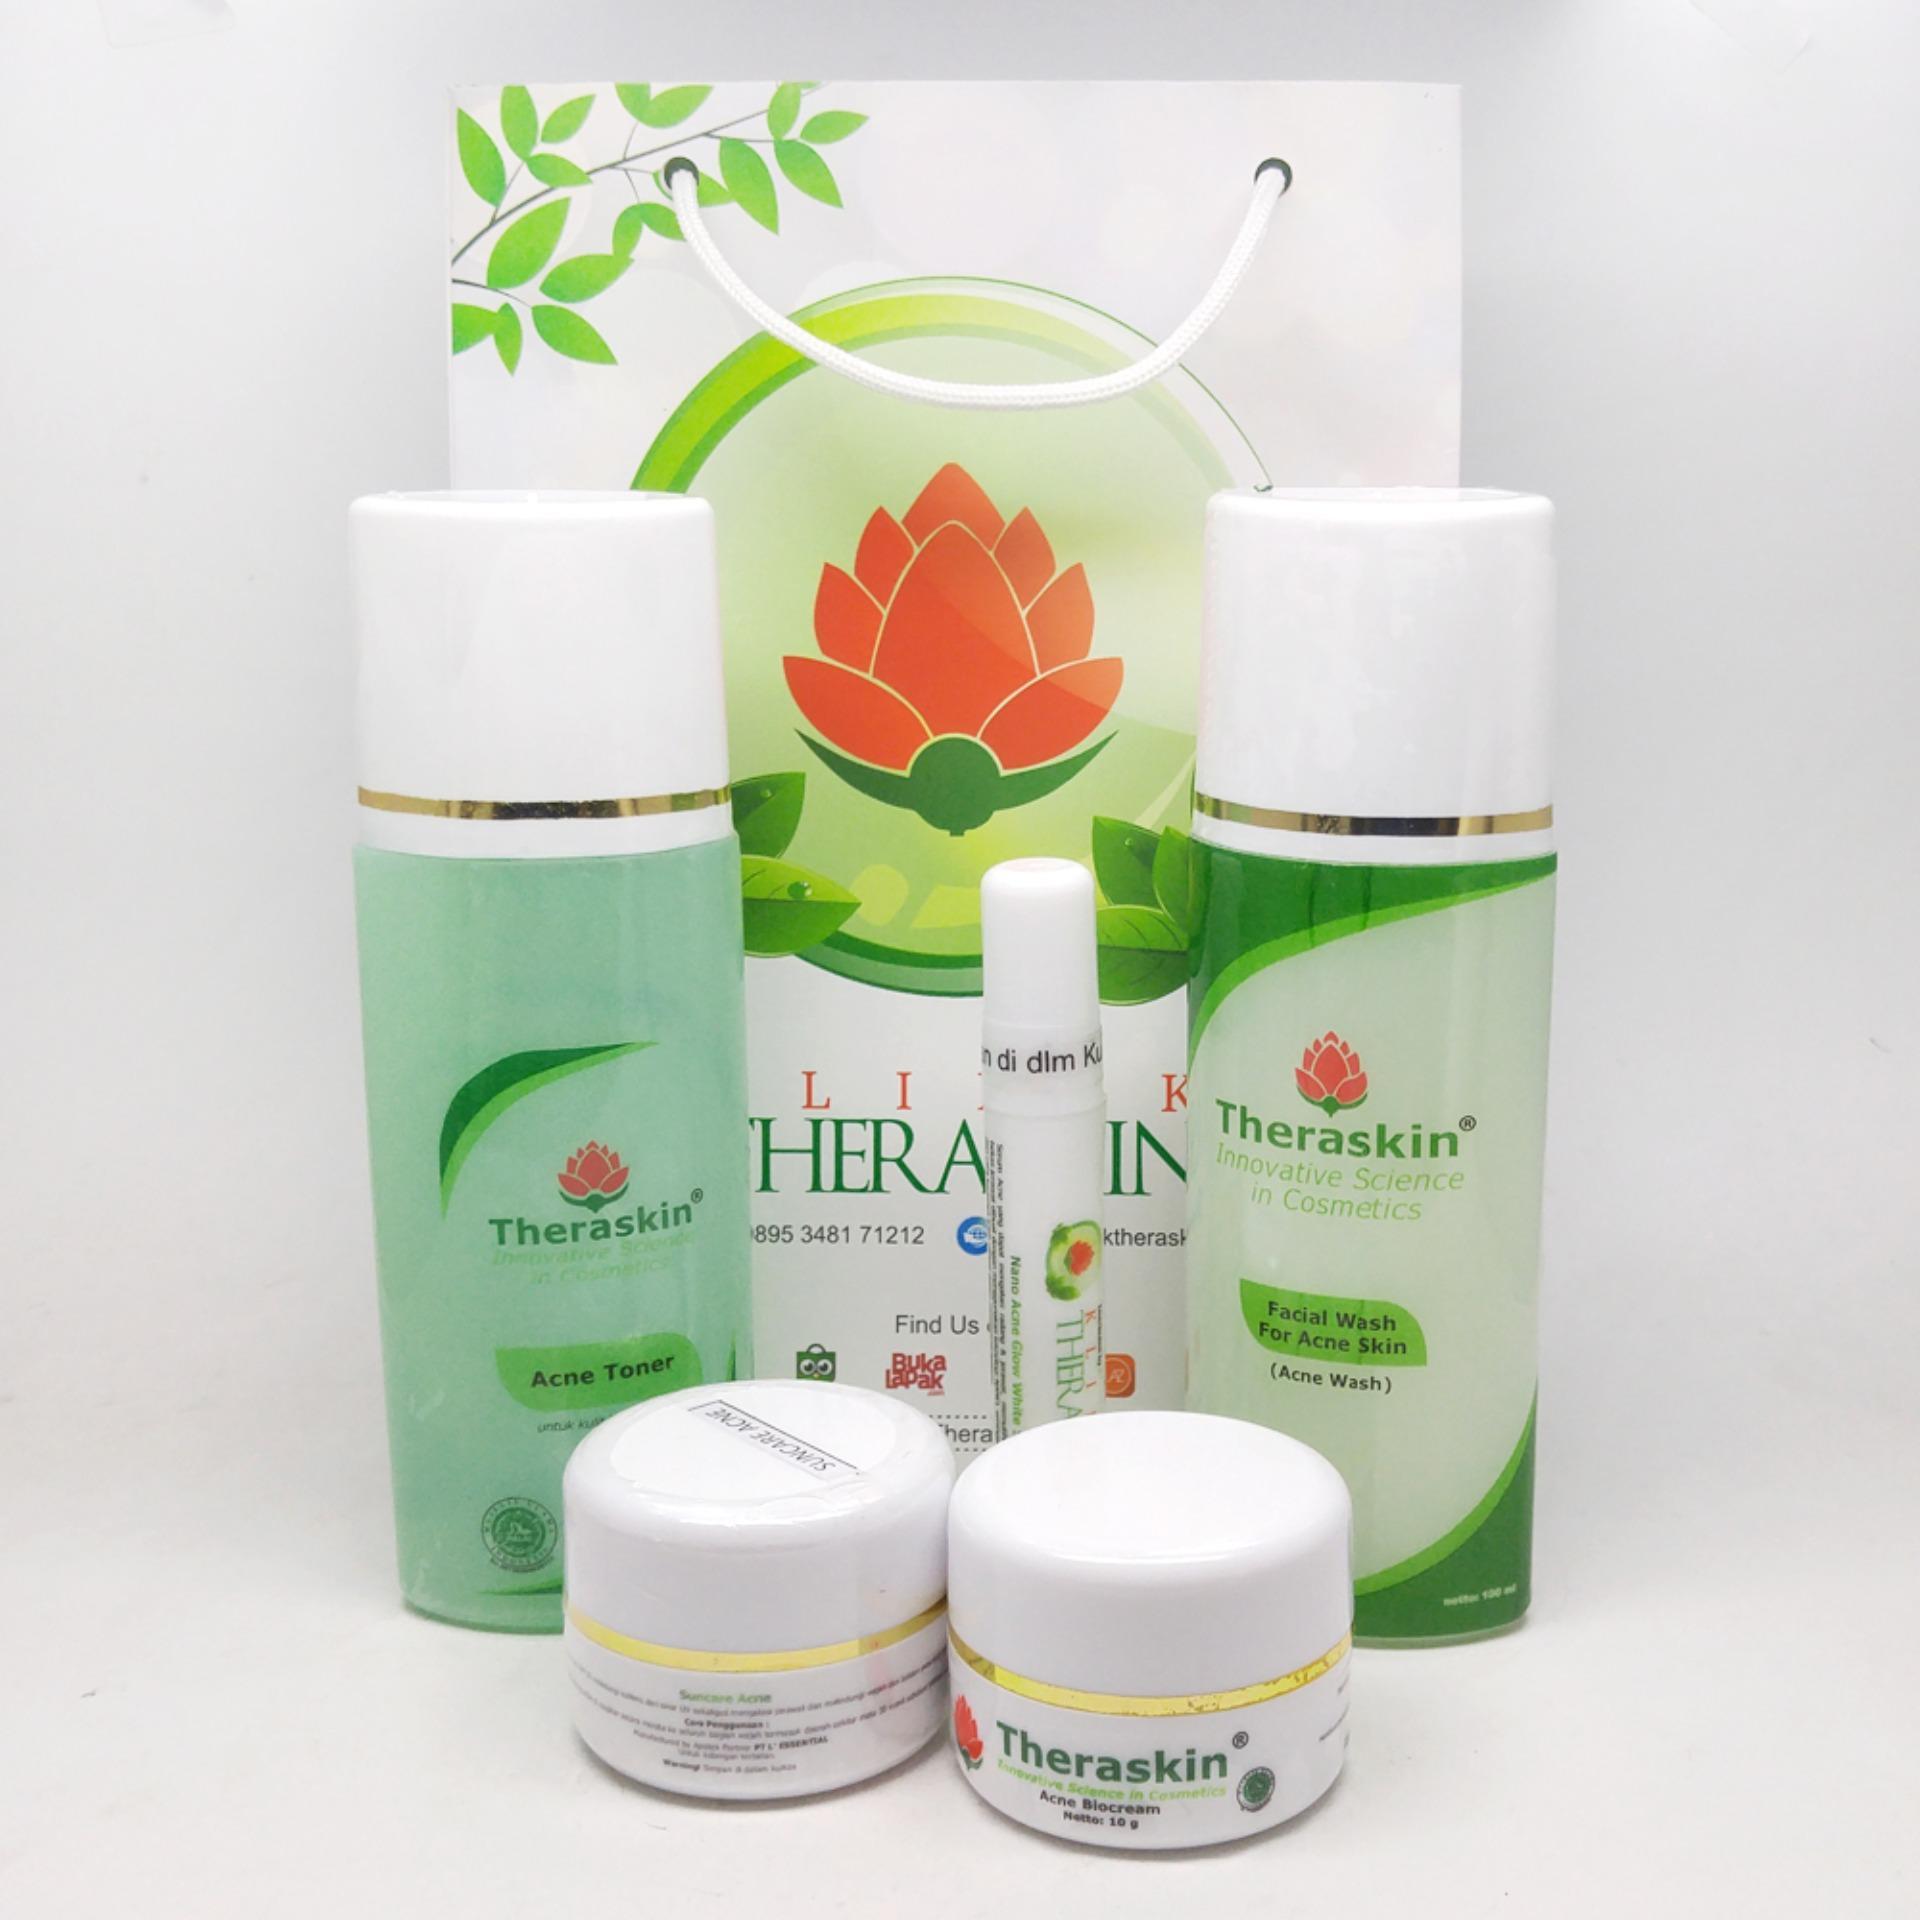 Paket Theraskin Acne Glow - Paket Khusus Jerawat Ringan dan Sedang Untuk Kulit Normal + Serum Nano Acne Glow + GRATIS POUCH